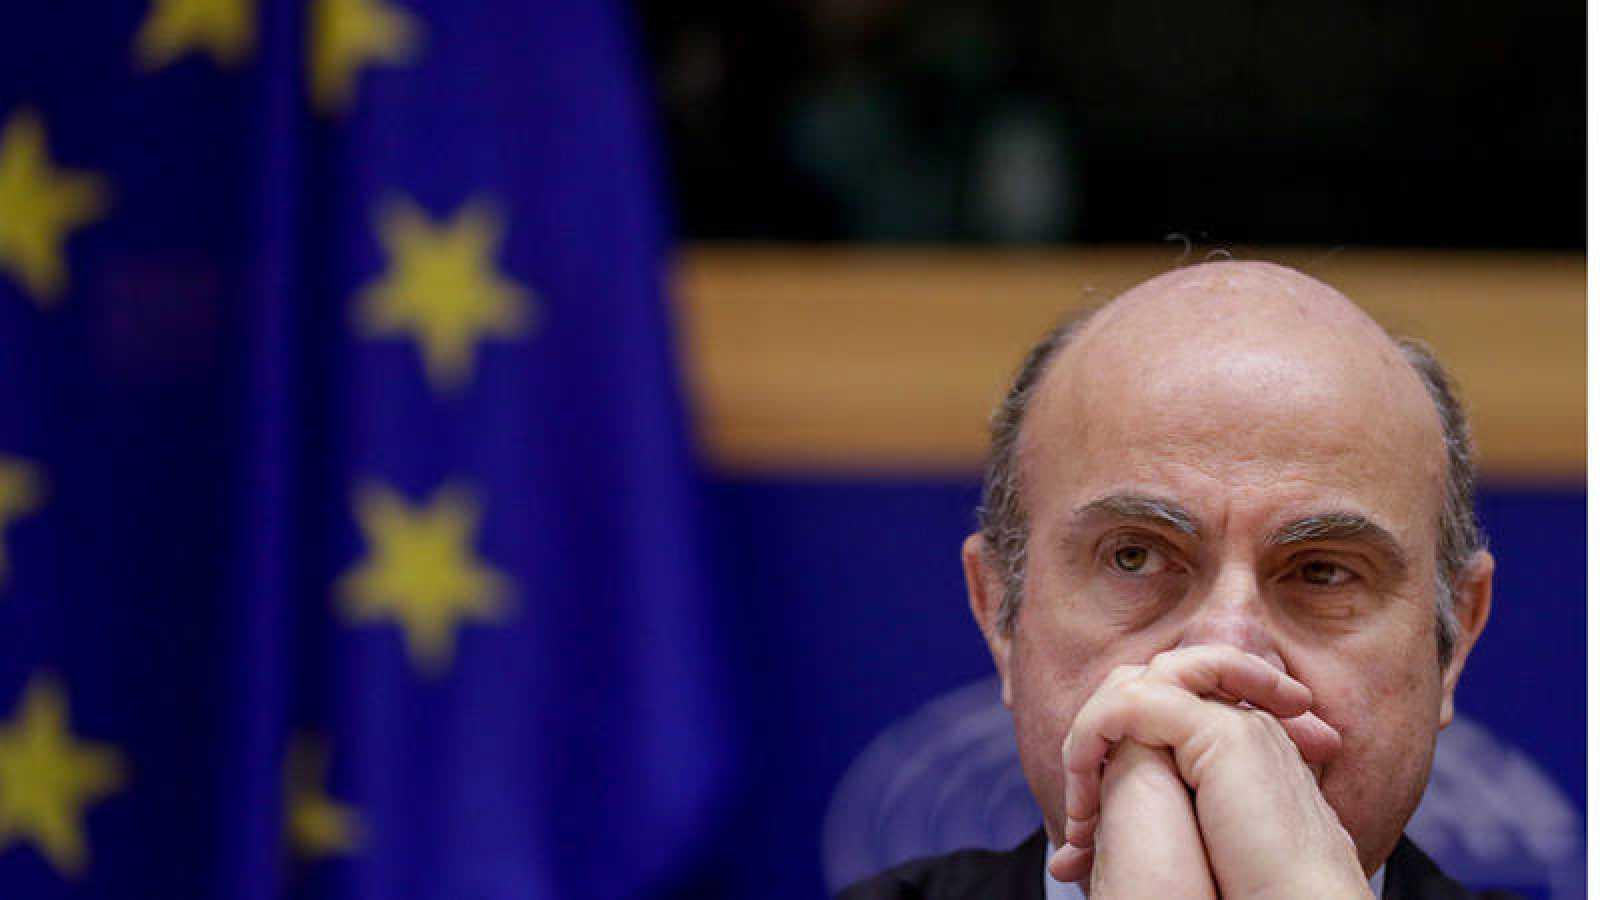 El vicepresidente del Banco Central Europeo, Luis de Guindos, comparece ante la comisión de Economía del Parlamento Europeo